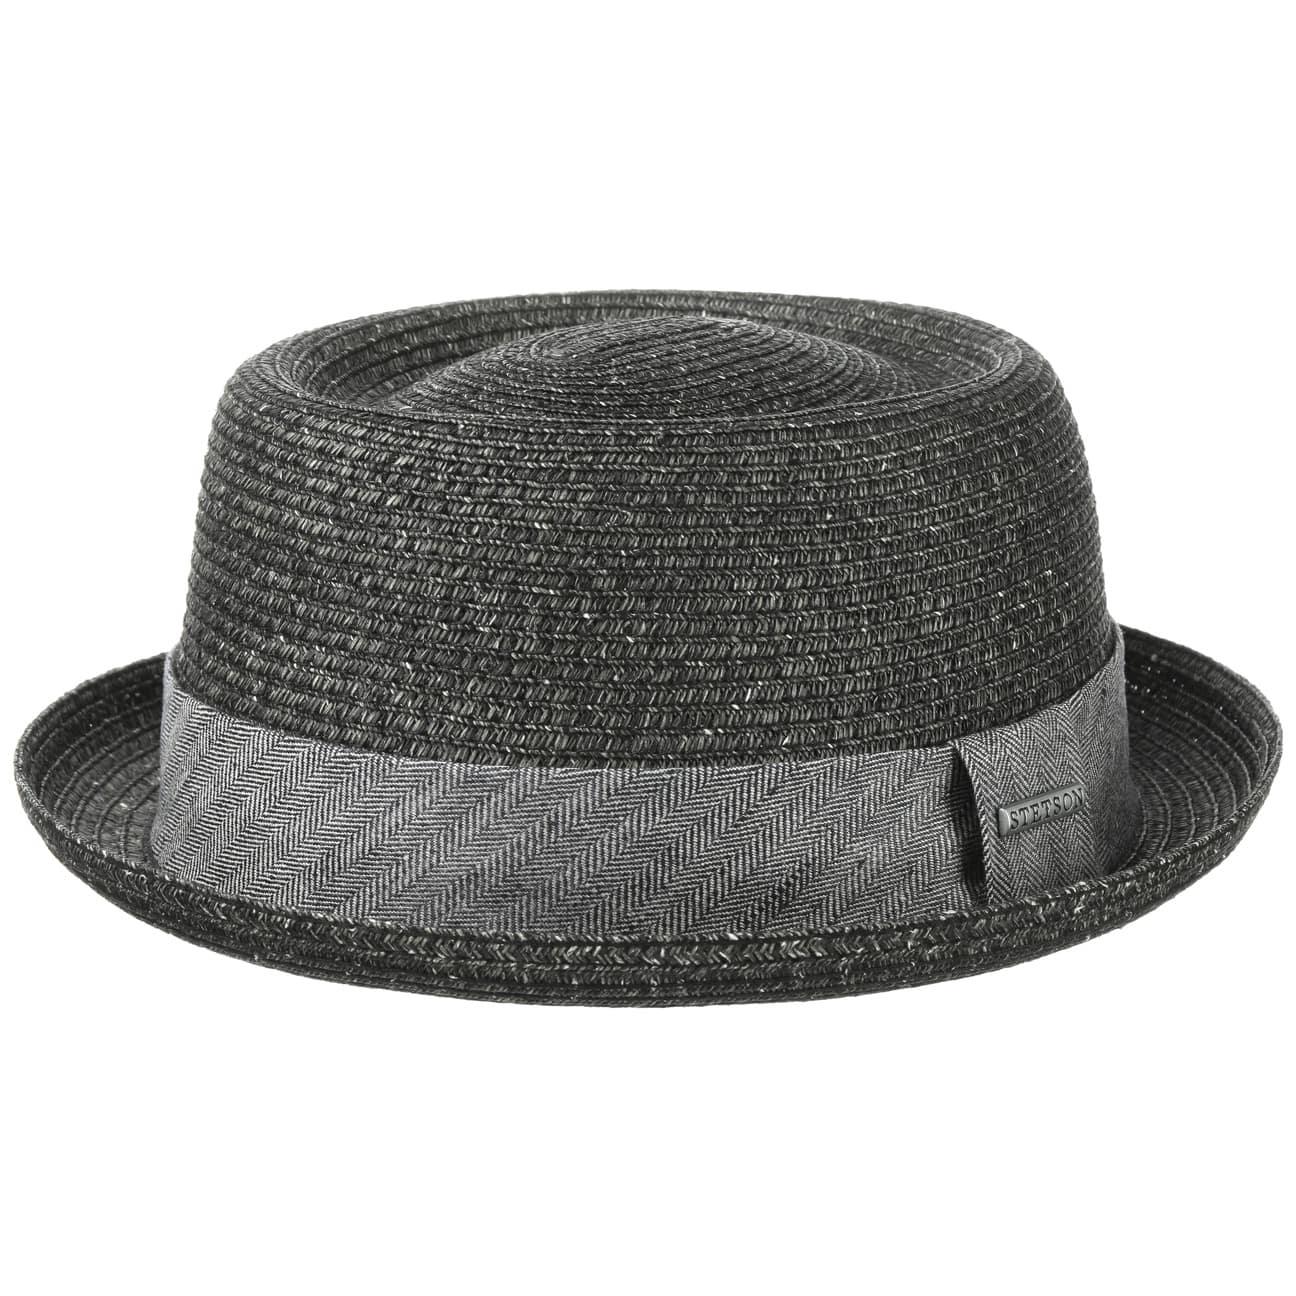 chapeau robstown toyo pork pie by stetson eur 79 00 chapeaux casquettes et bonnets en. Black Bedroom Furniture Sets. Home Design Ideas